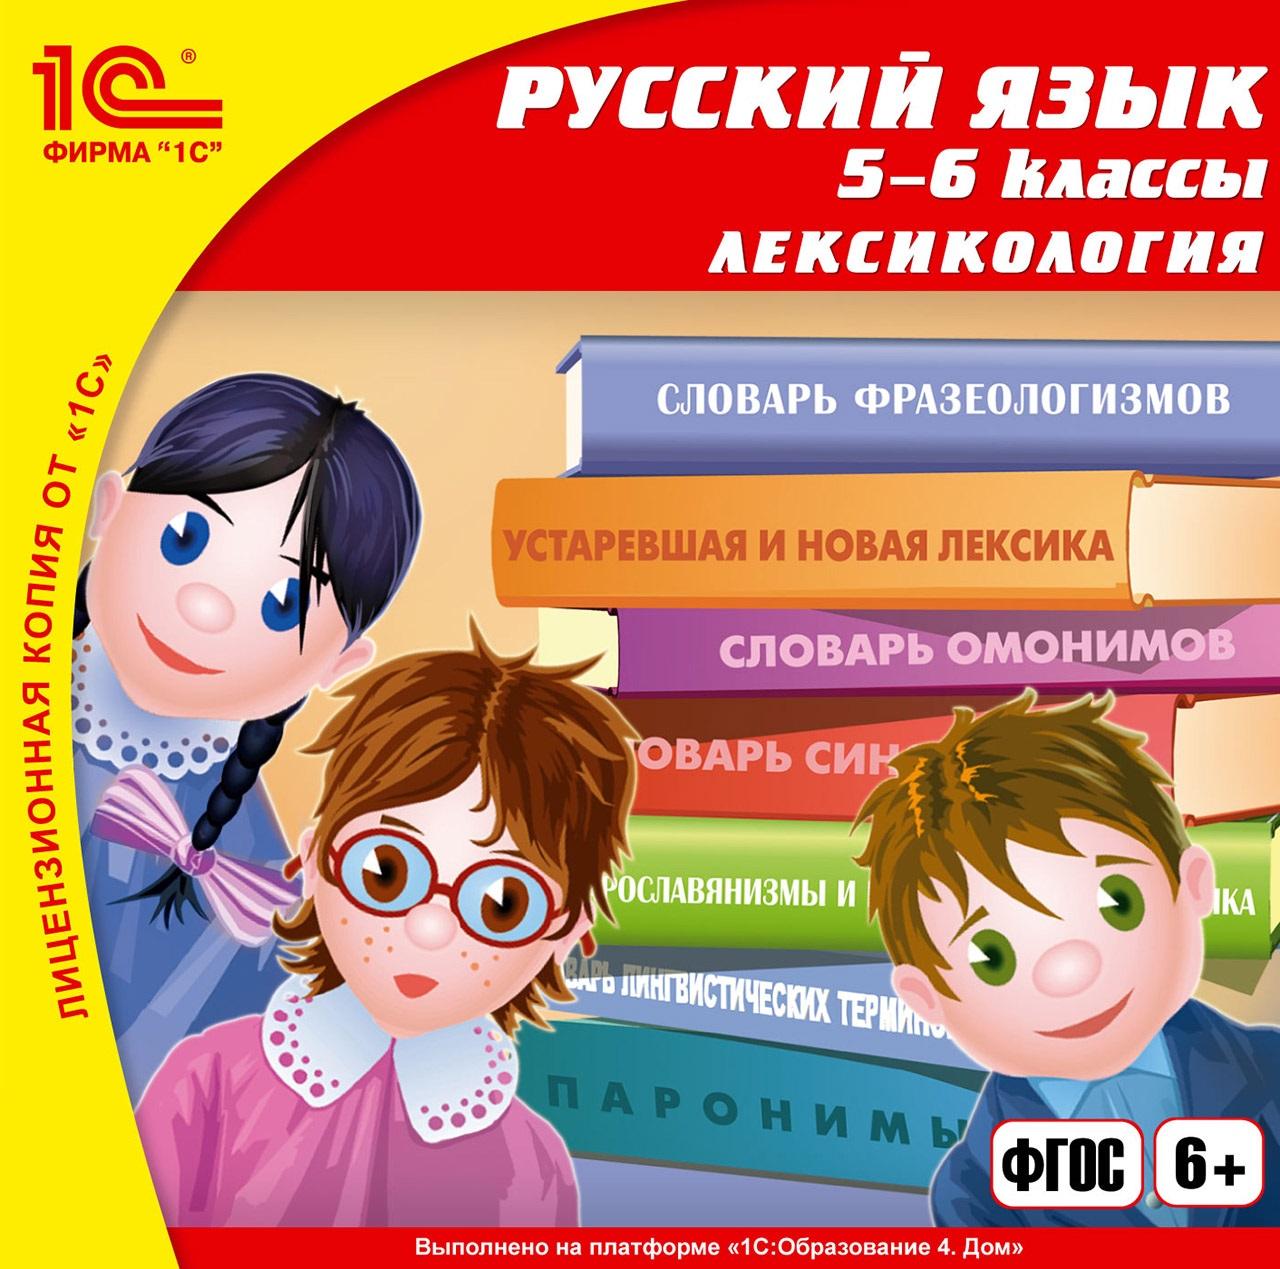 Русский язык. 5-6 класс. Лексикология (Цифровая версия)Представляем вашему вниманию программу Русский язык, 5-6 класс. Лексикология, содержащую курс, которым завершается серия уроков в виртуальном классе по русскому языку для учащихся 5-х и 6-х классов.<br>